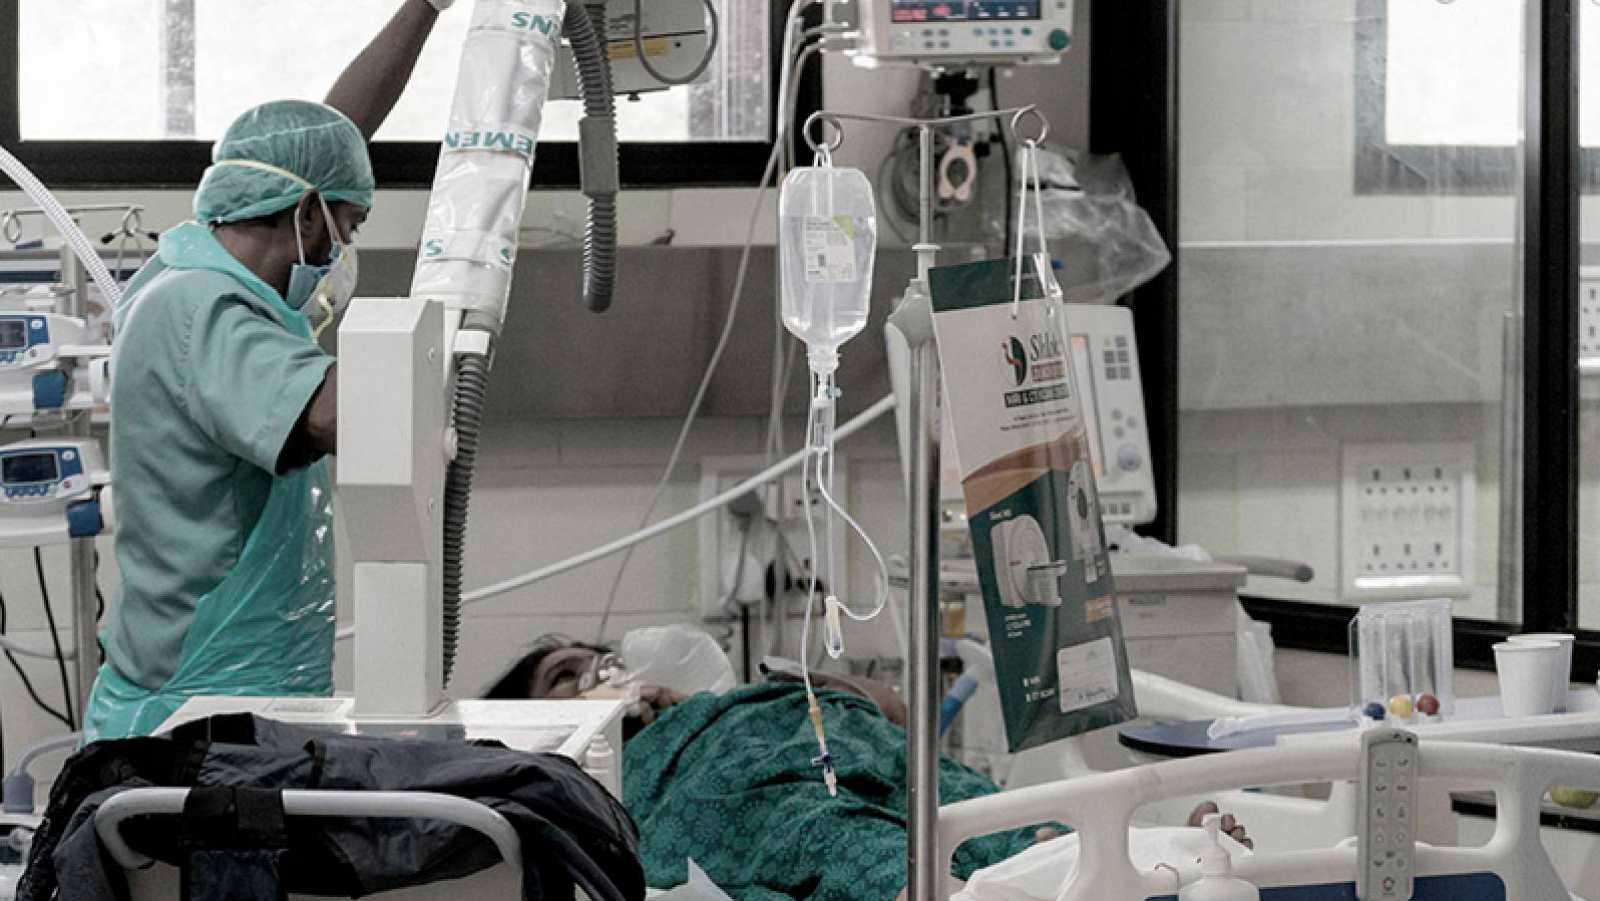 Mundo solidario - Fundación Vicente Ferrer lanza la campaña 'Oxígeno para la India' - 21/05/02 - escuchar ahora